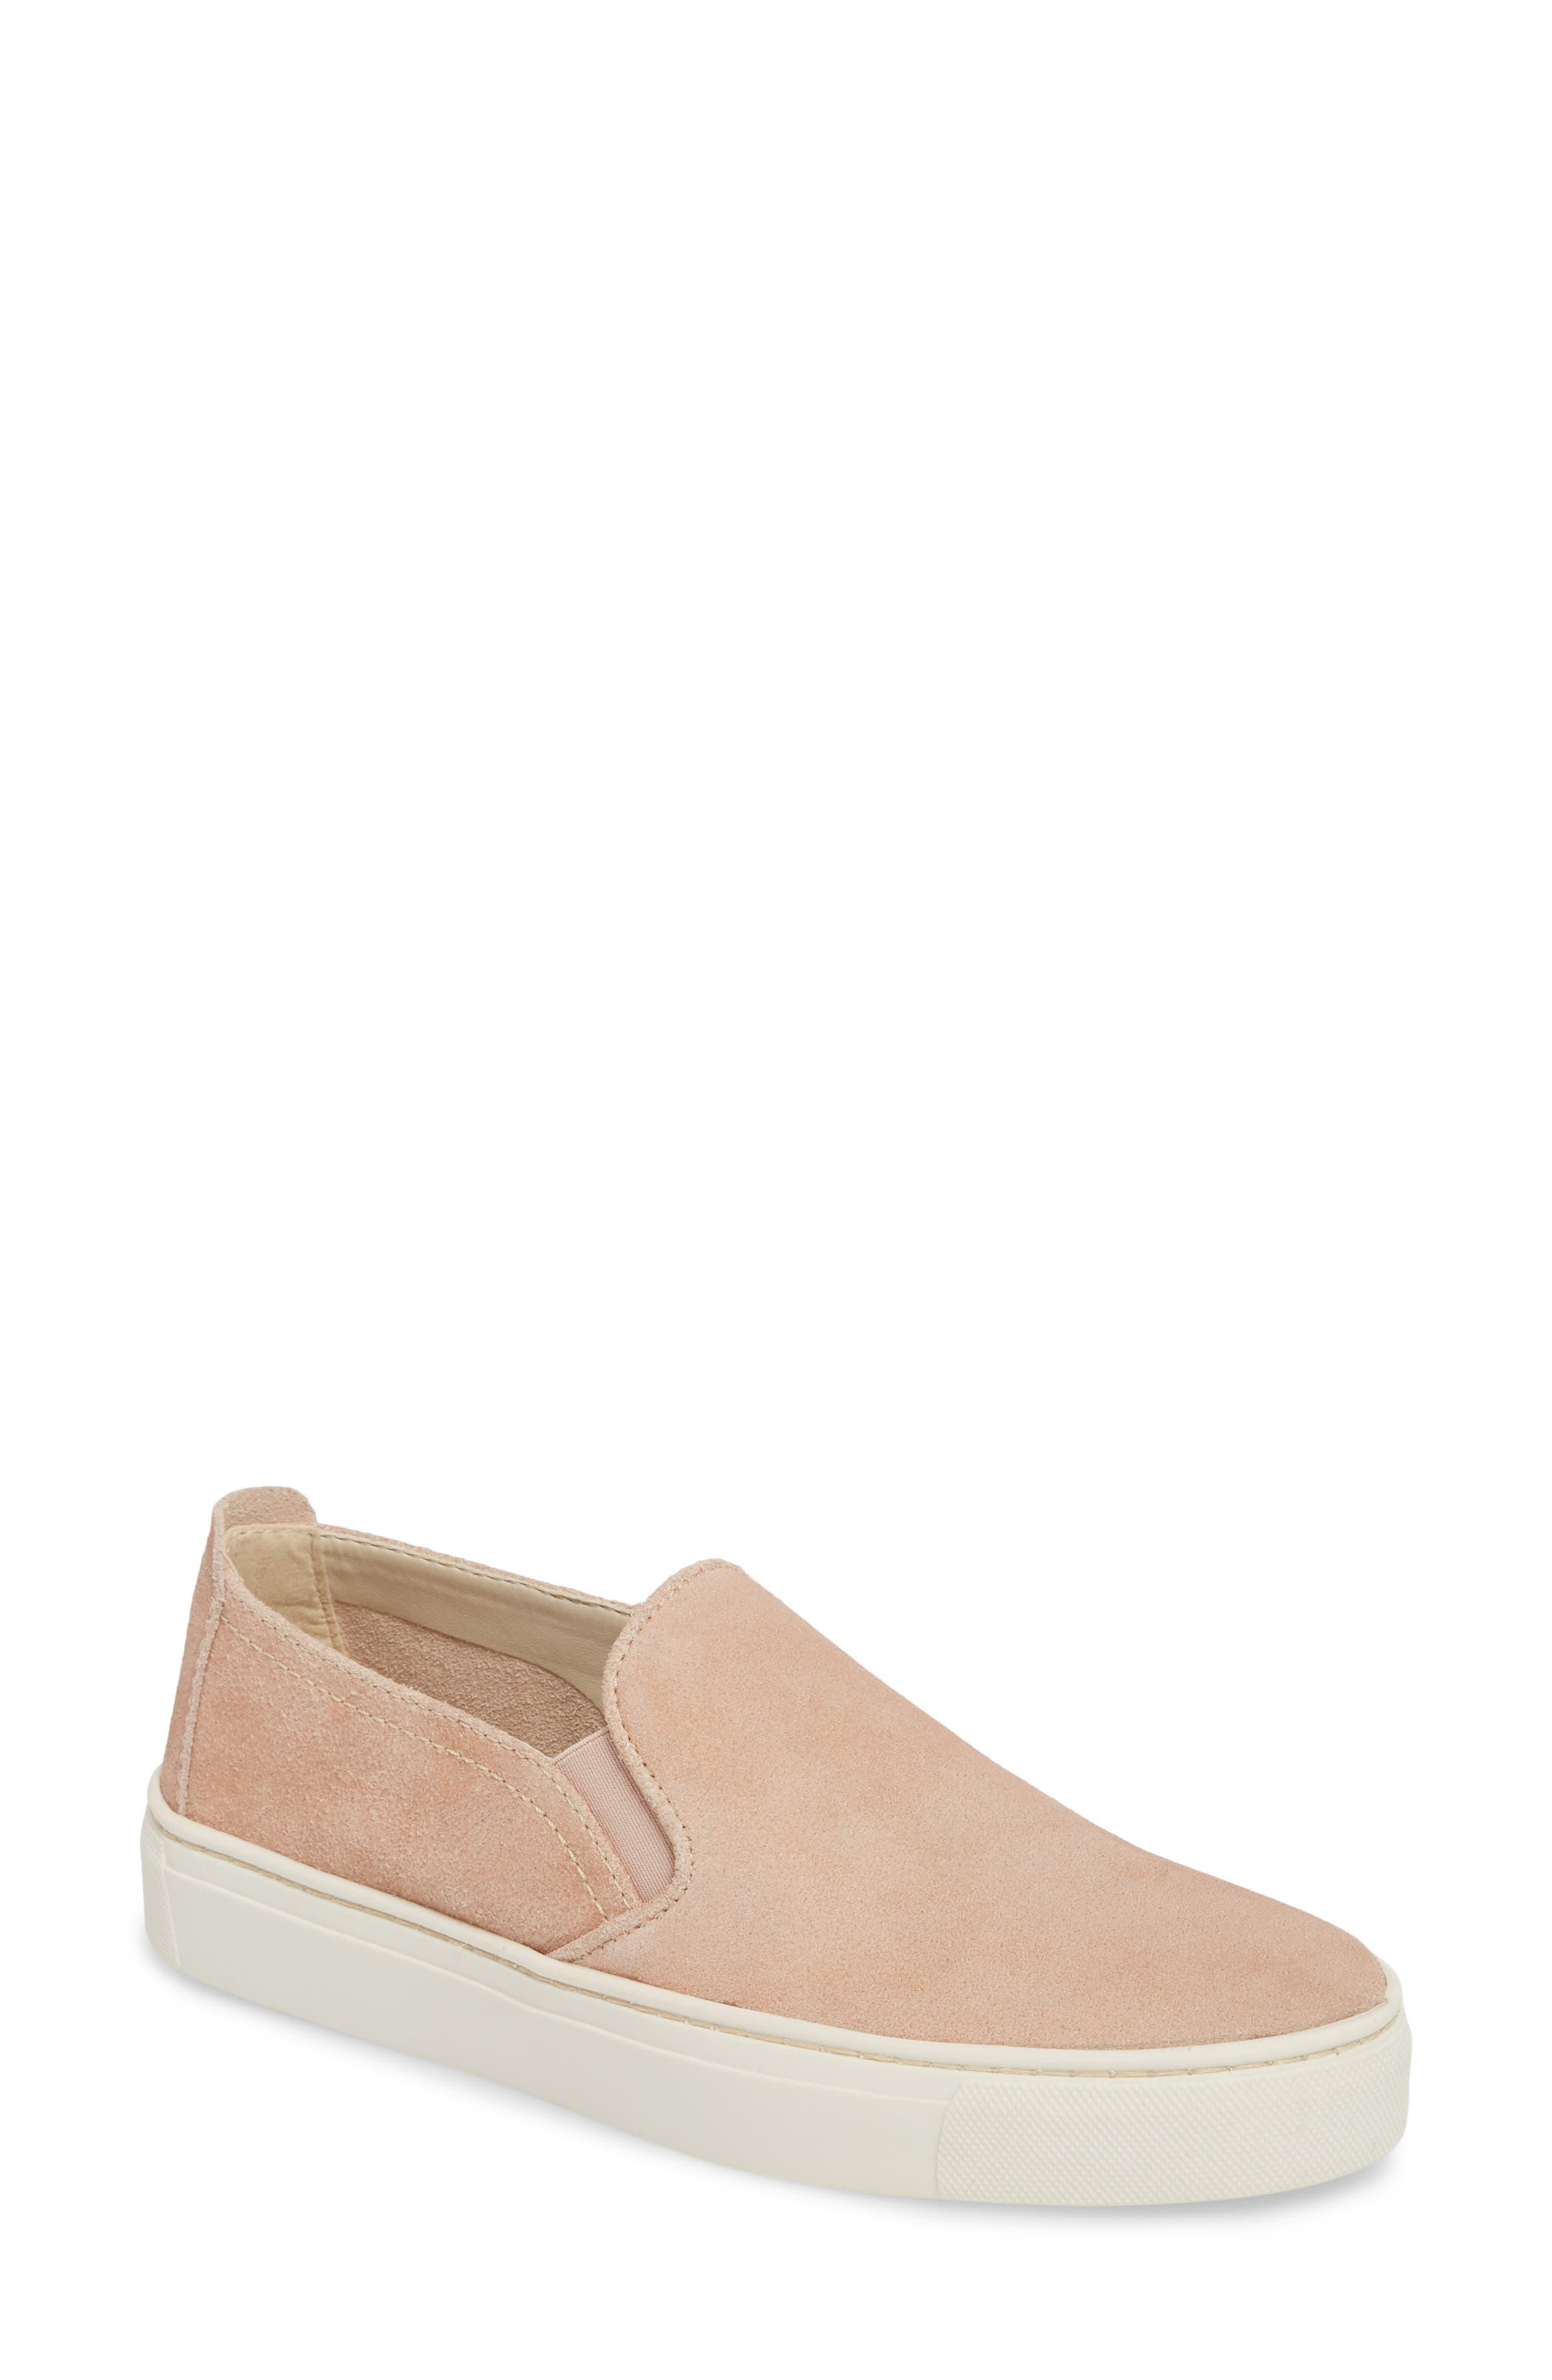 frye shoes women 8 waves bulacan location